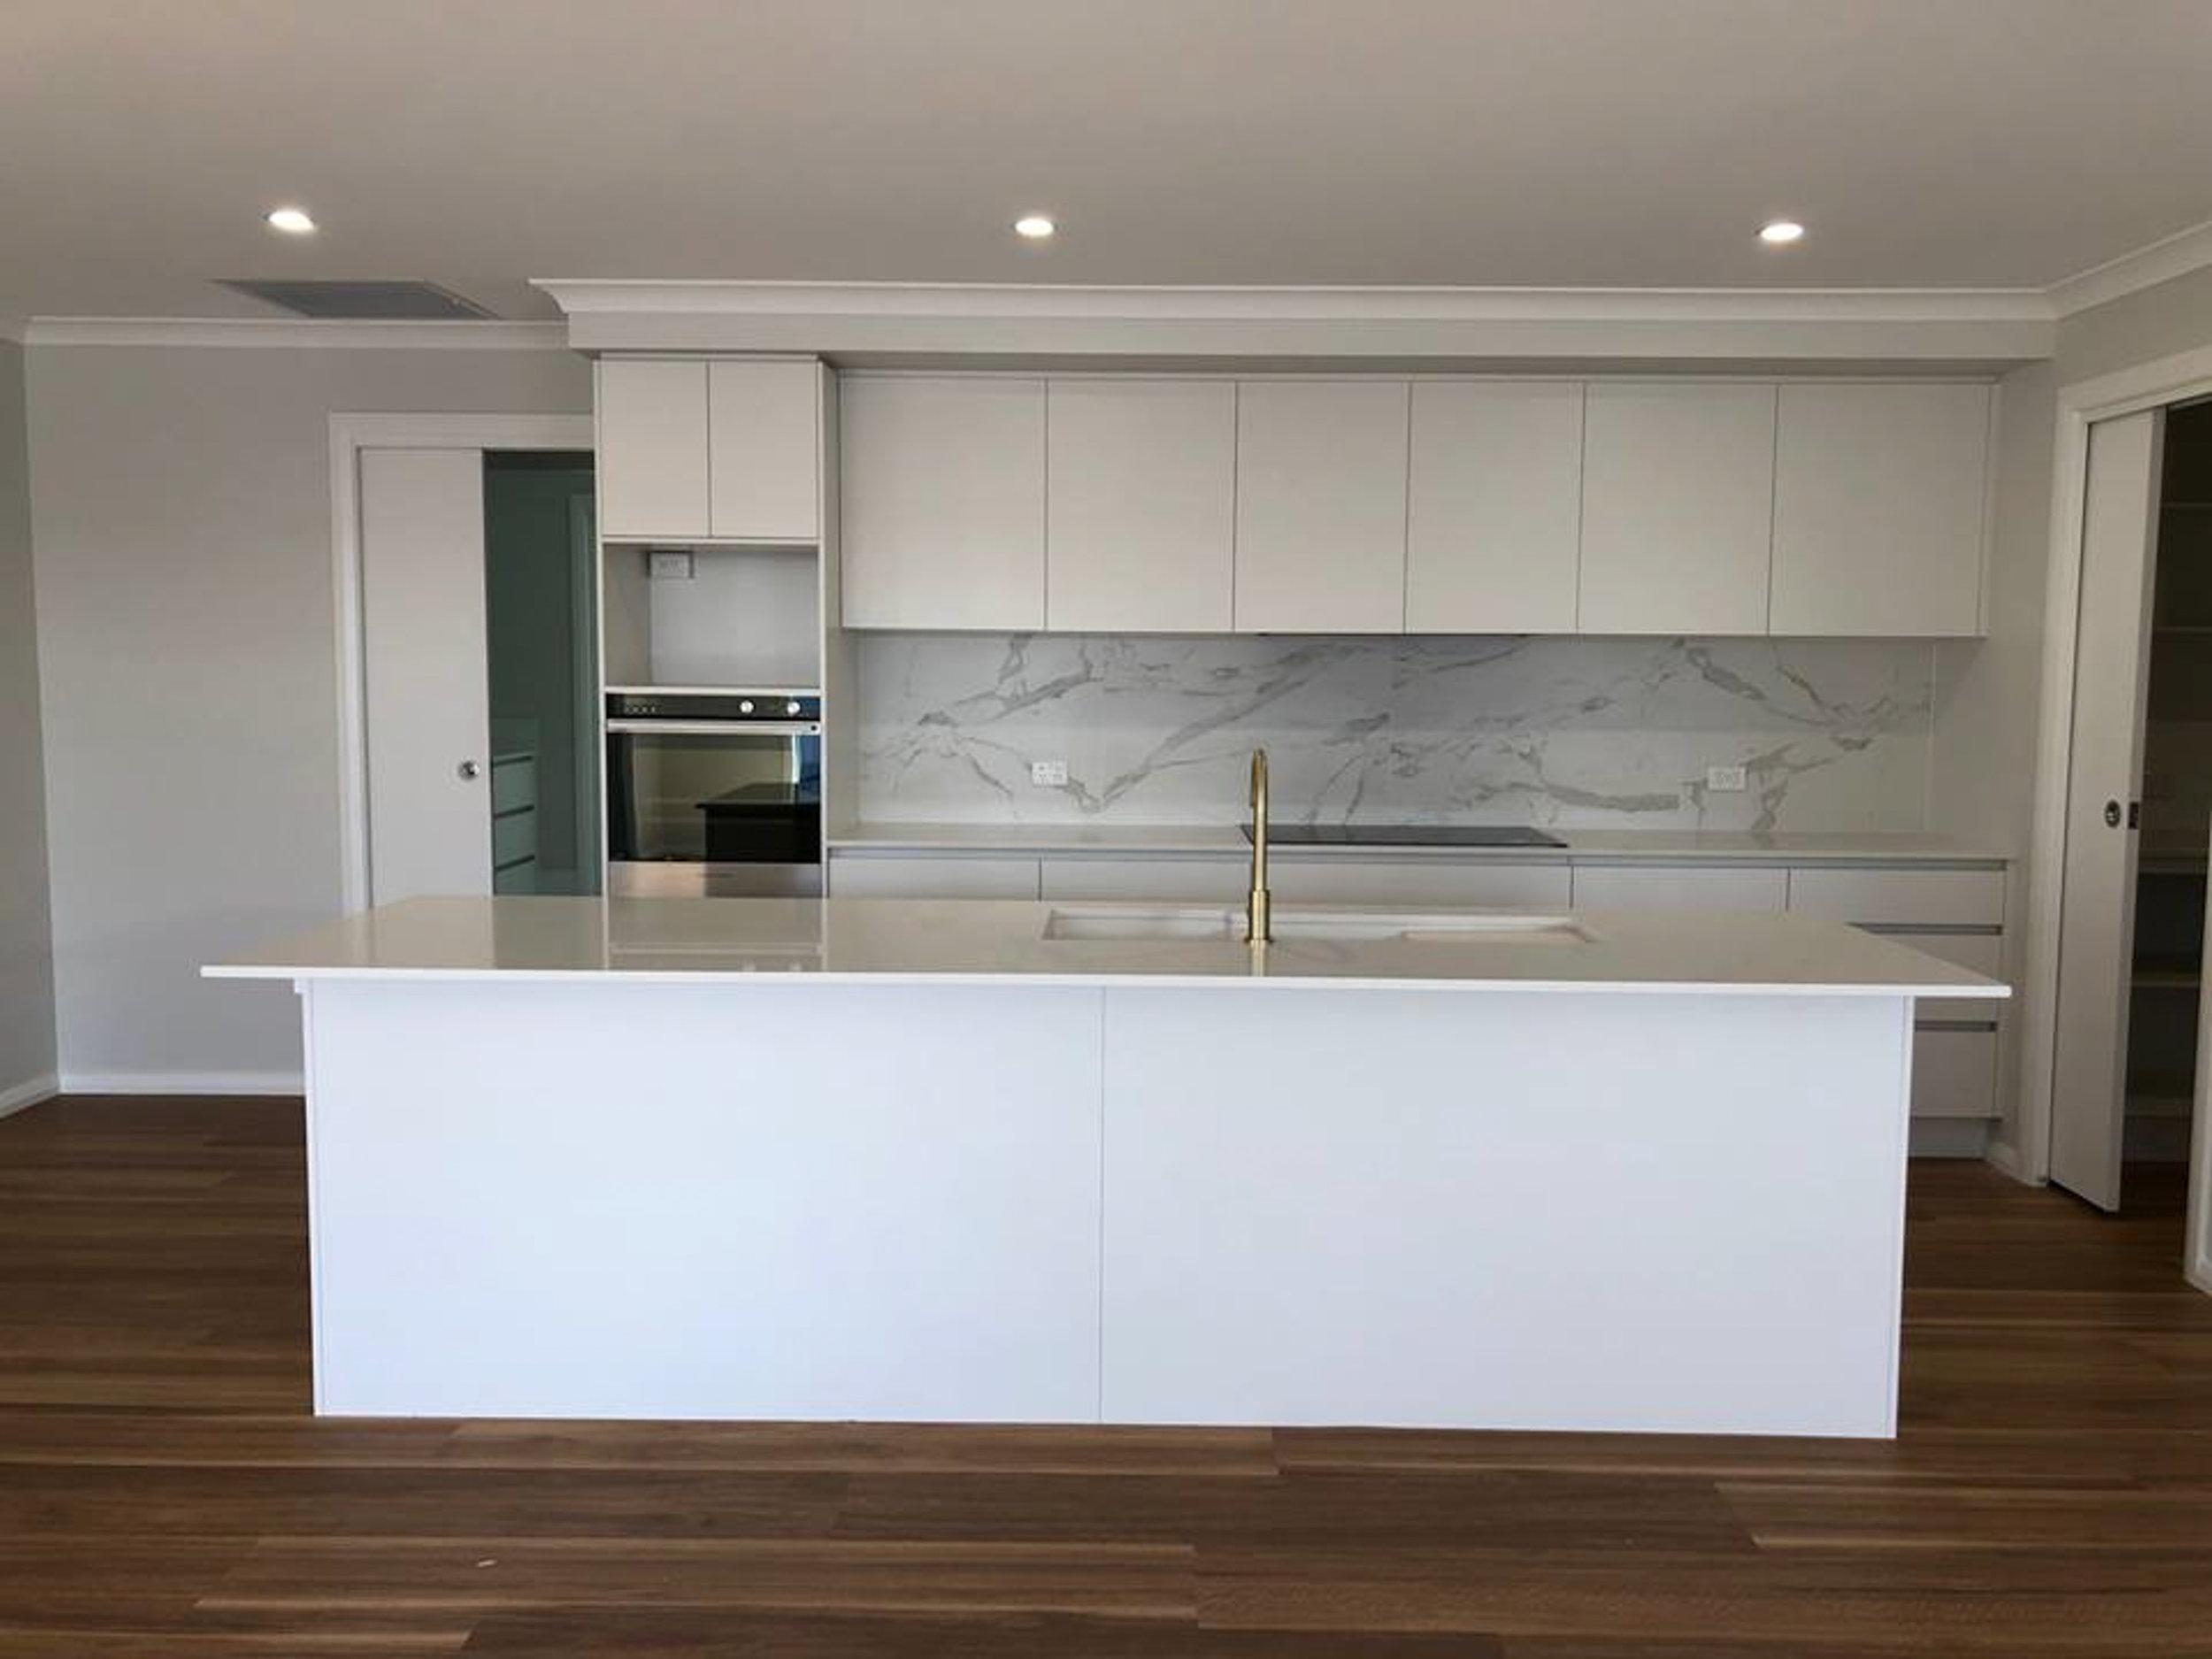 paull kitchen-13.jpg